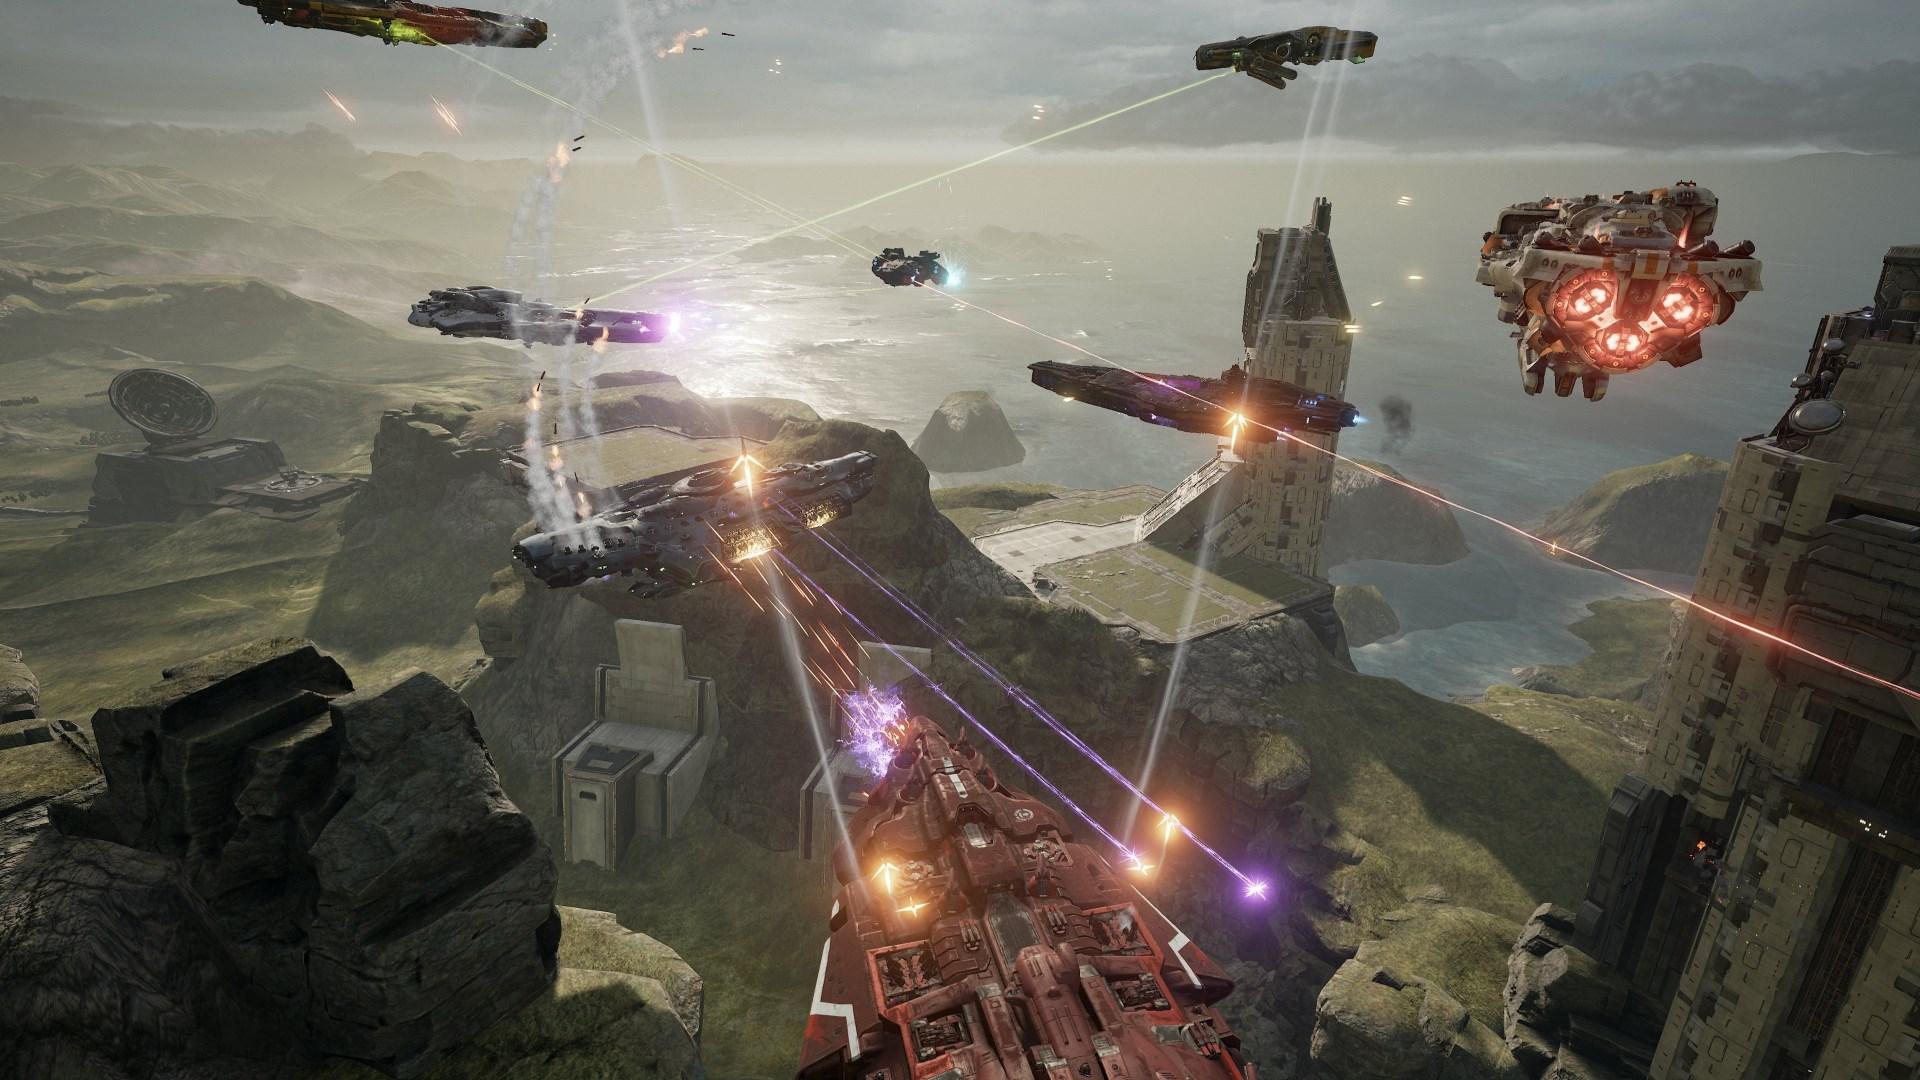 《无畏战舰》正式发售 制作组果断裁员三分之一